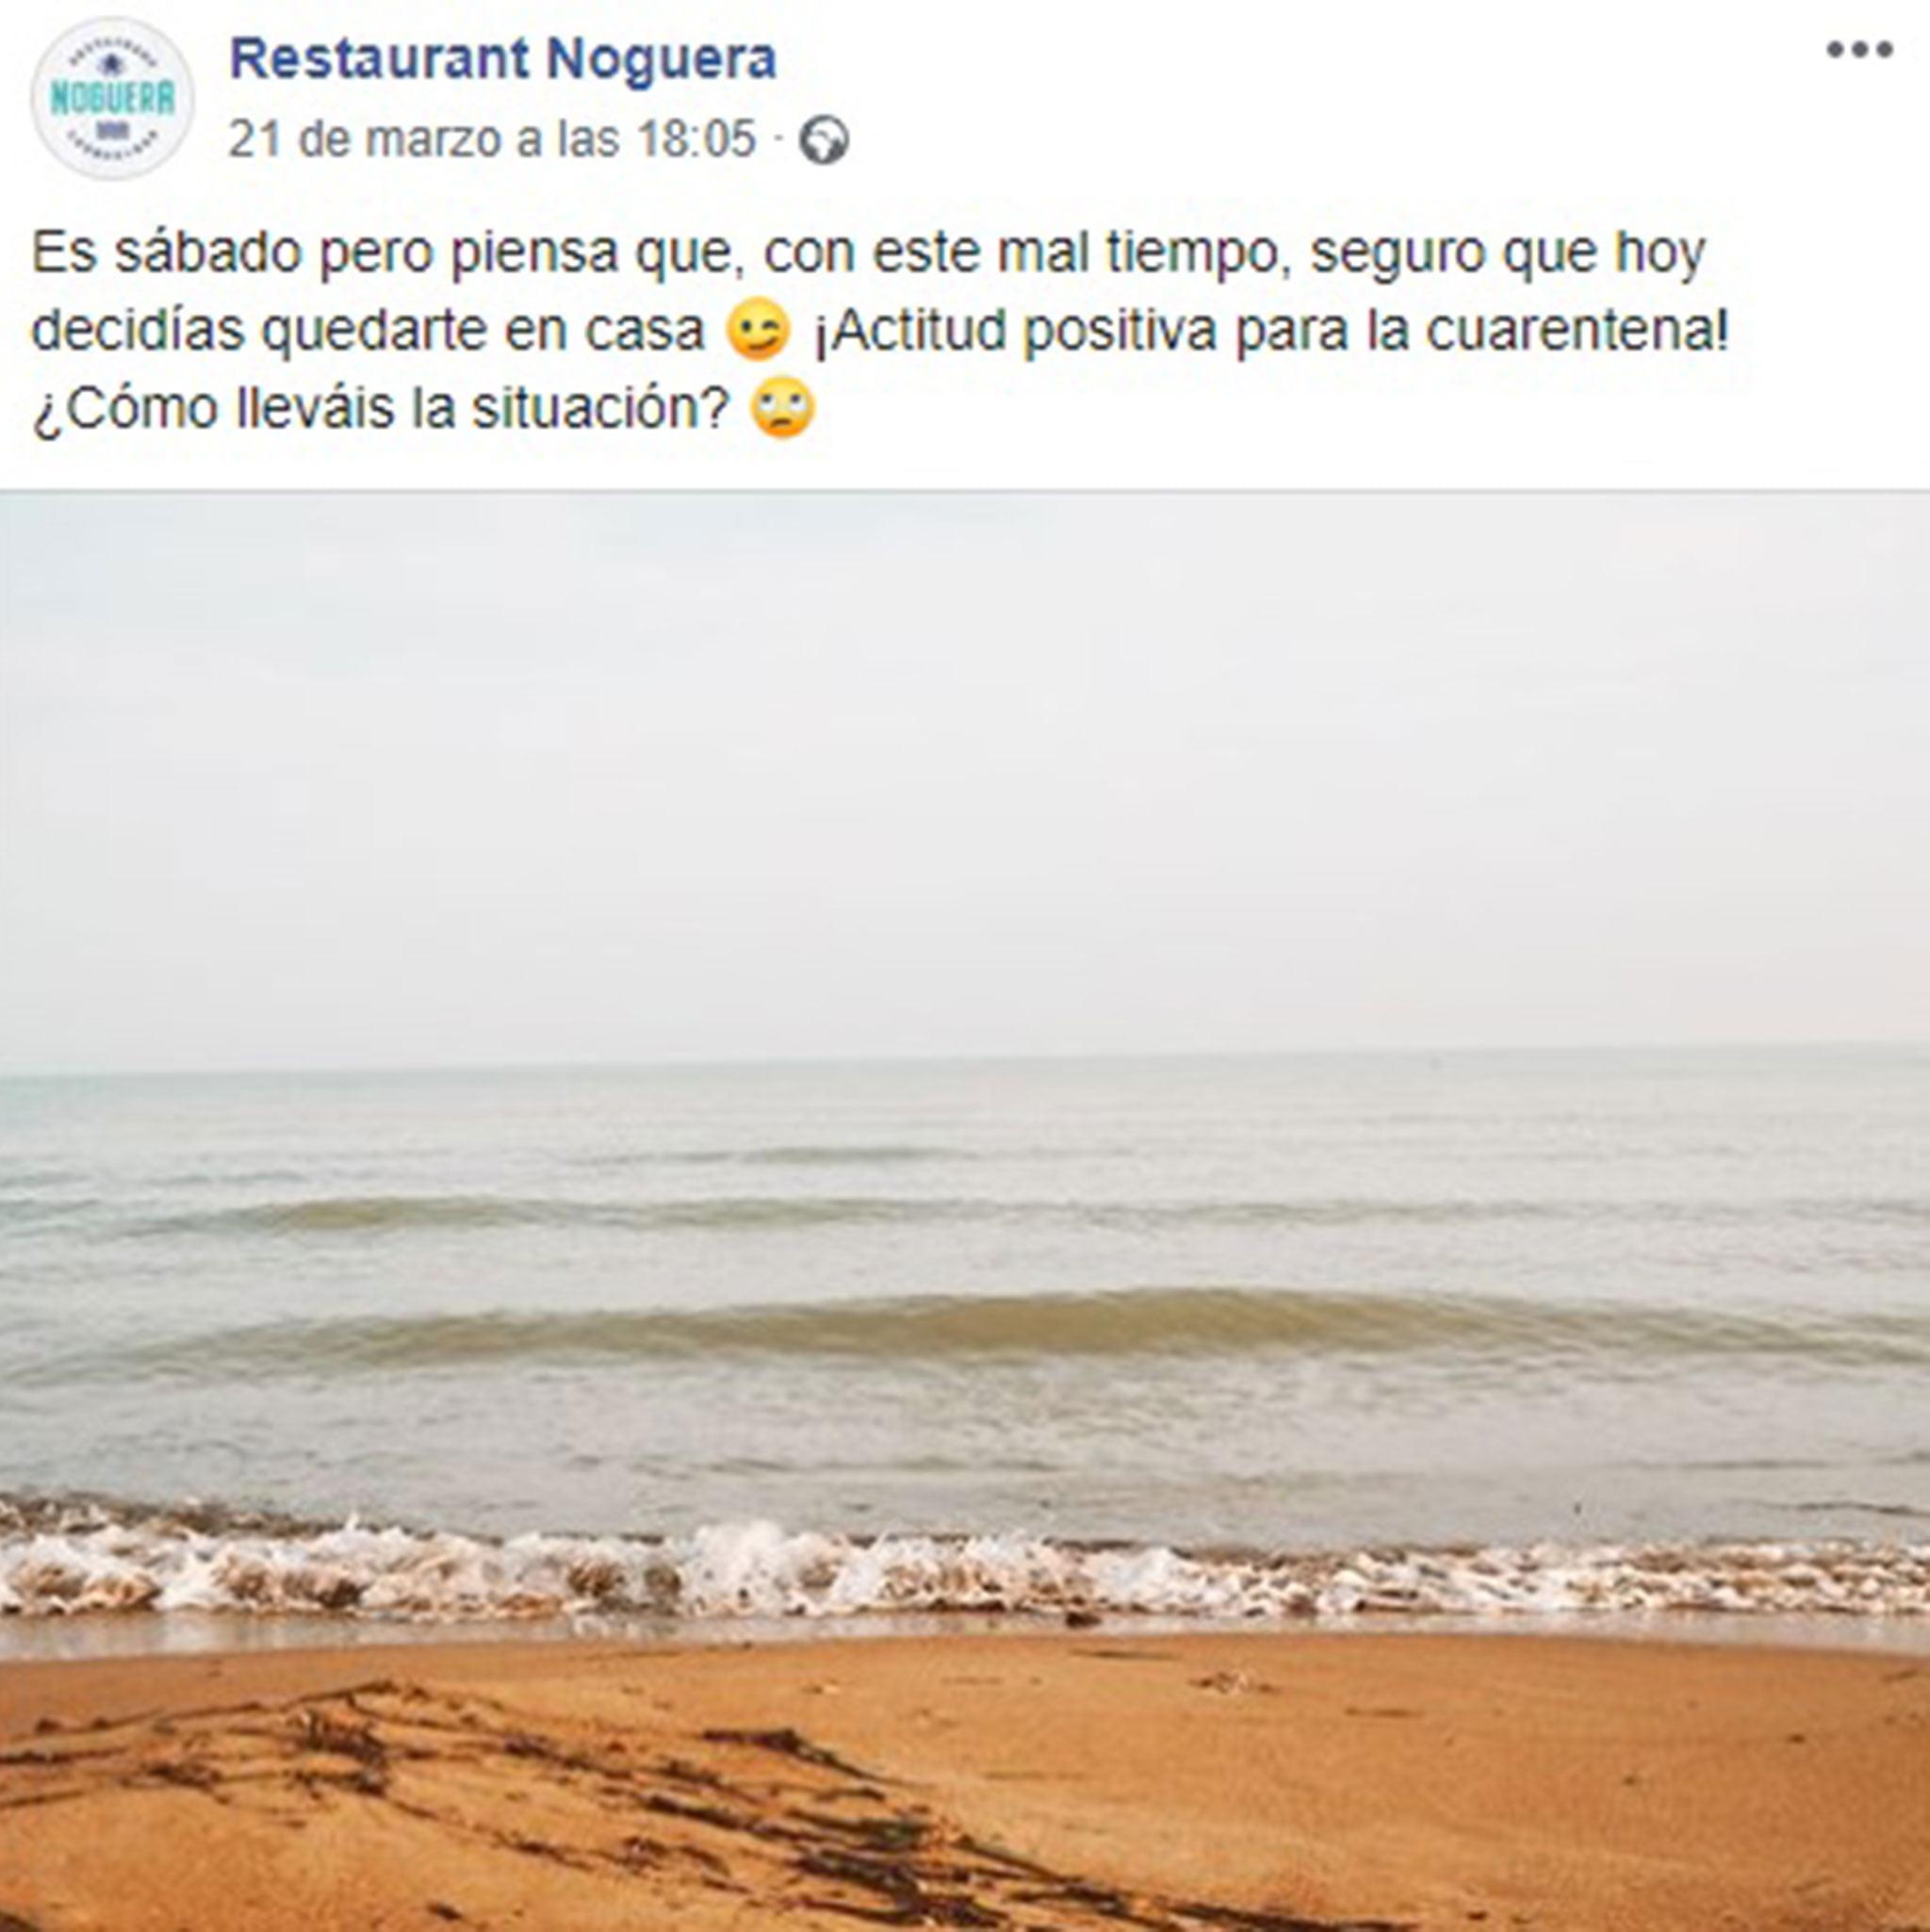 Messages positifs et bonnes vibrations: le restaurant Noguera remplit leurs réseaux avec eux